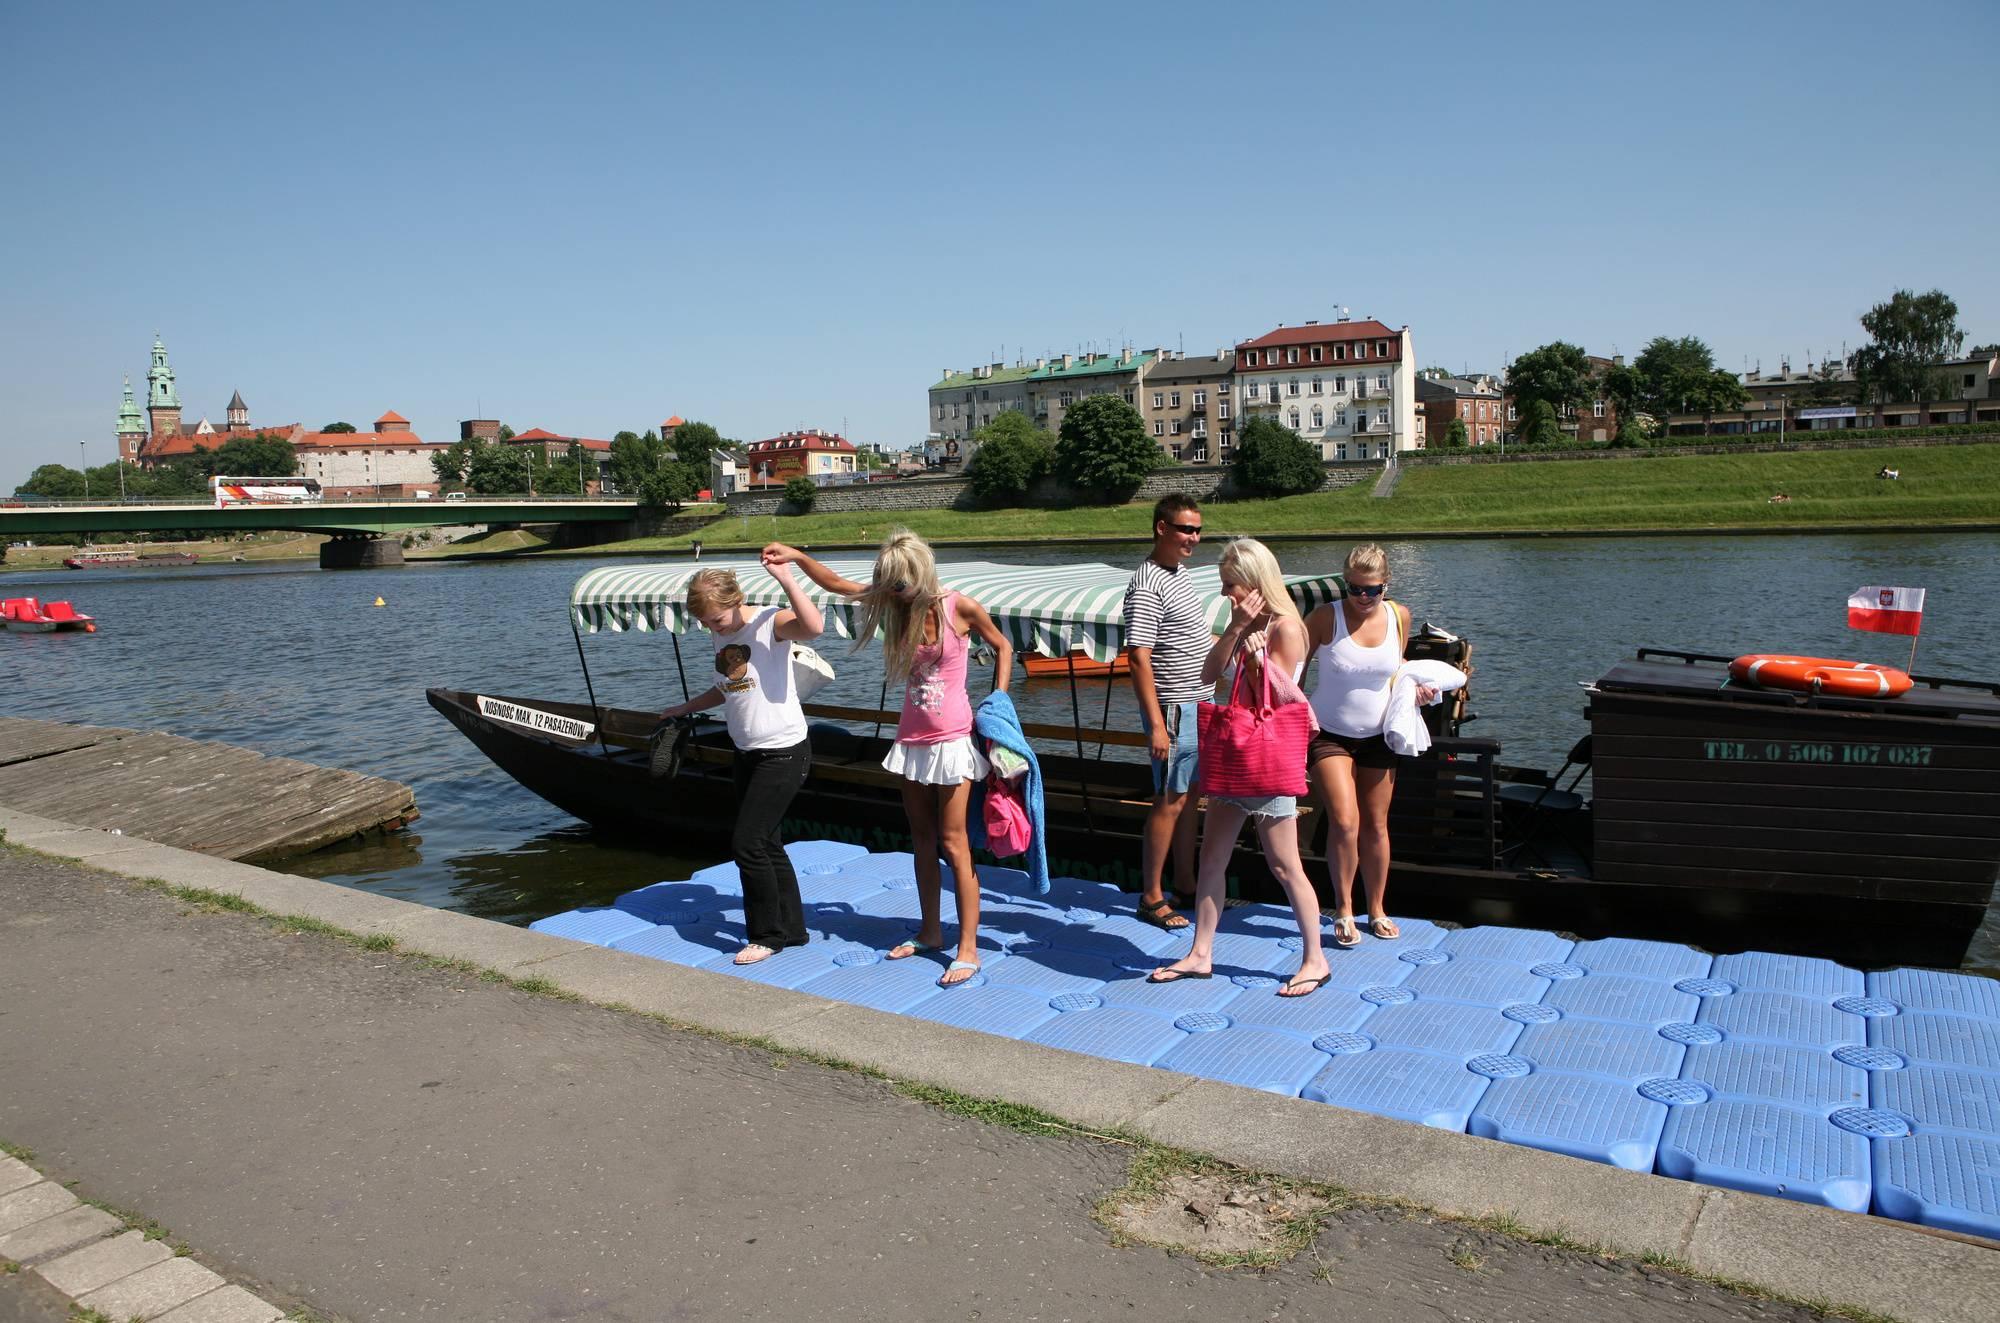 Purenudism-River Boat Preparations - 2